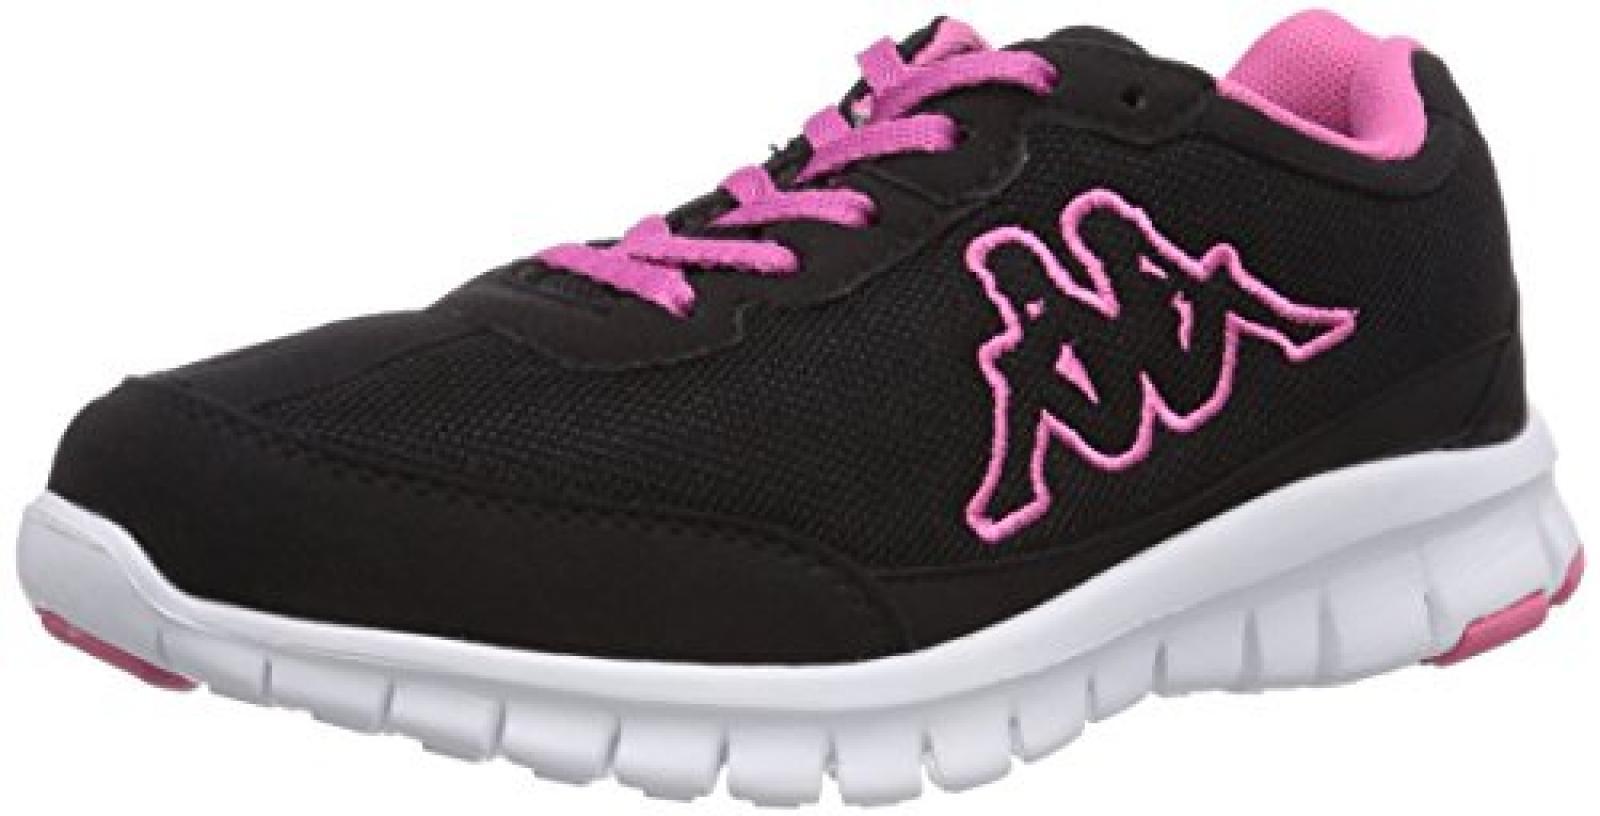 Kappa Sylvester II Unisex-Erwachsene Sneakers